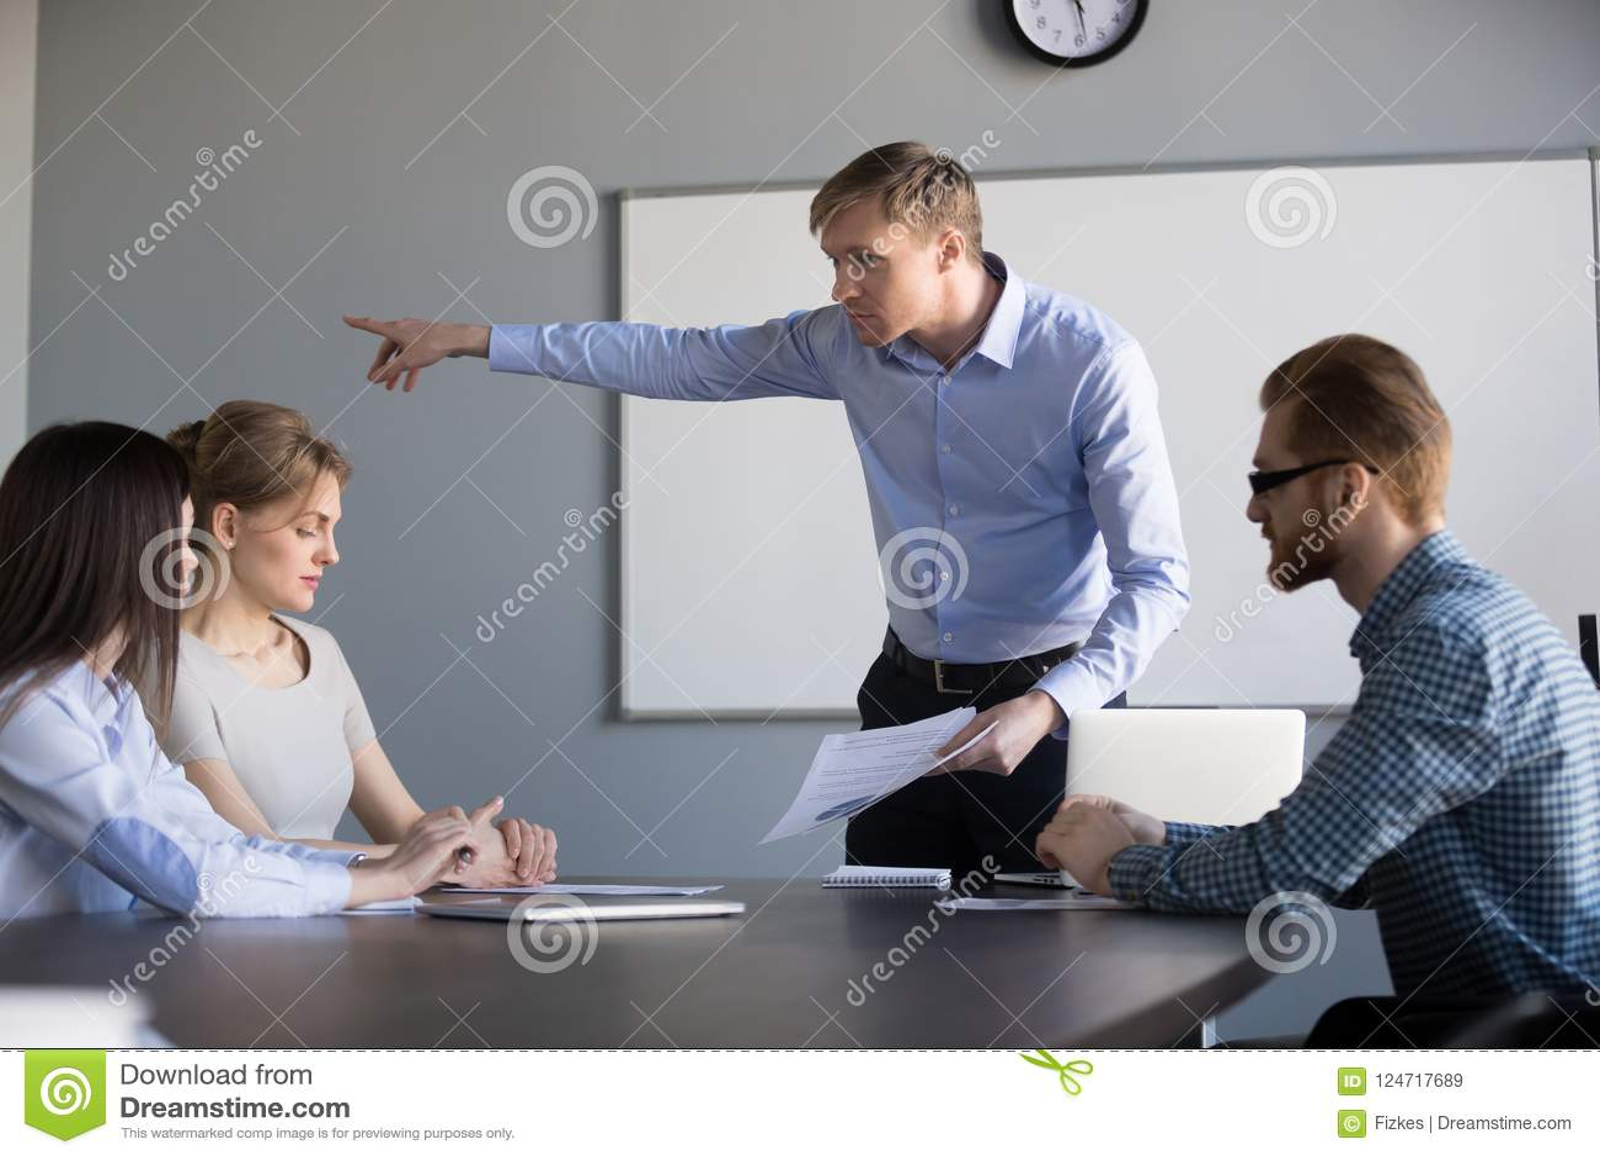 Сумашедший CEO (главный исполнительный директор) мужчины спрашивает встречу компании разрешения женского работника